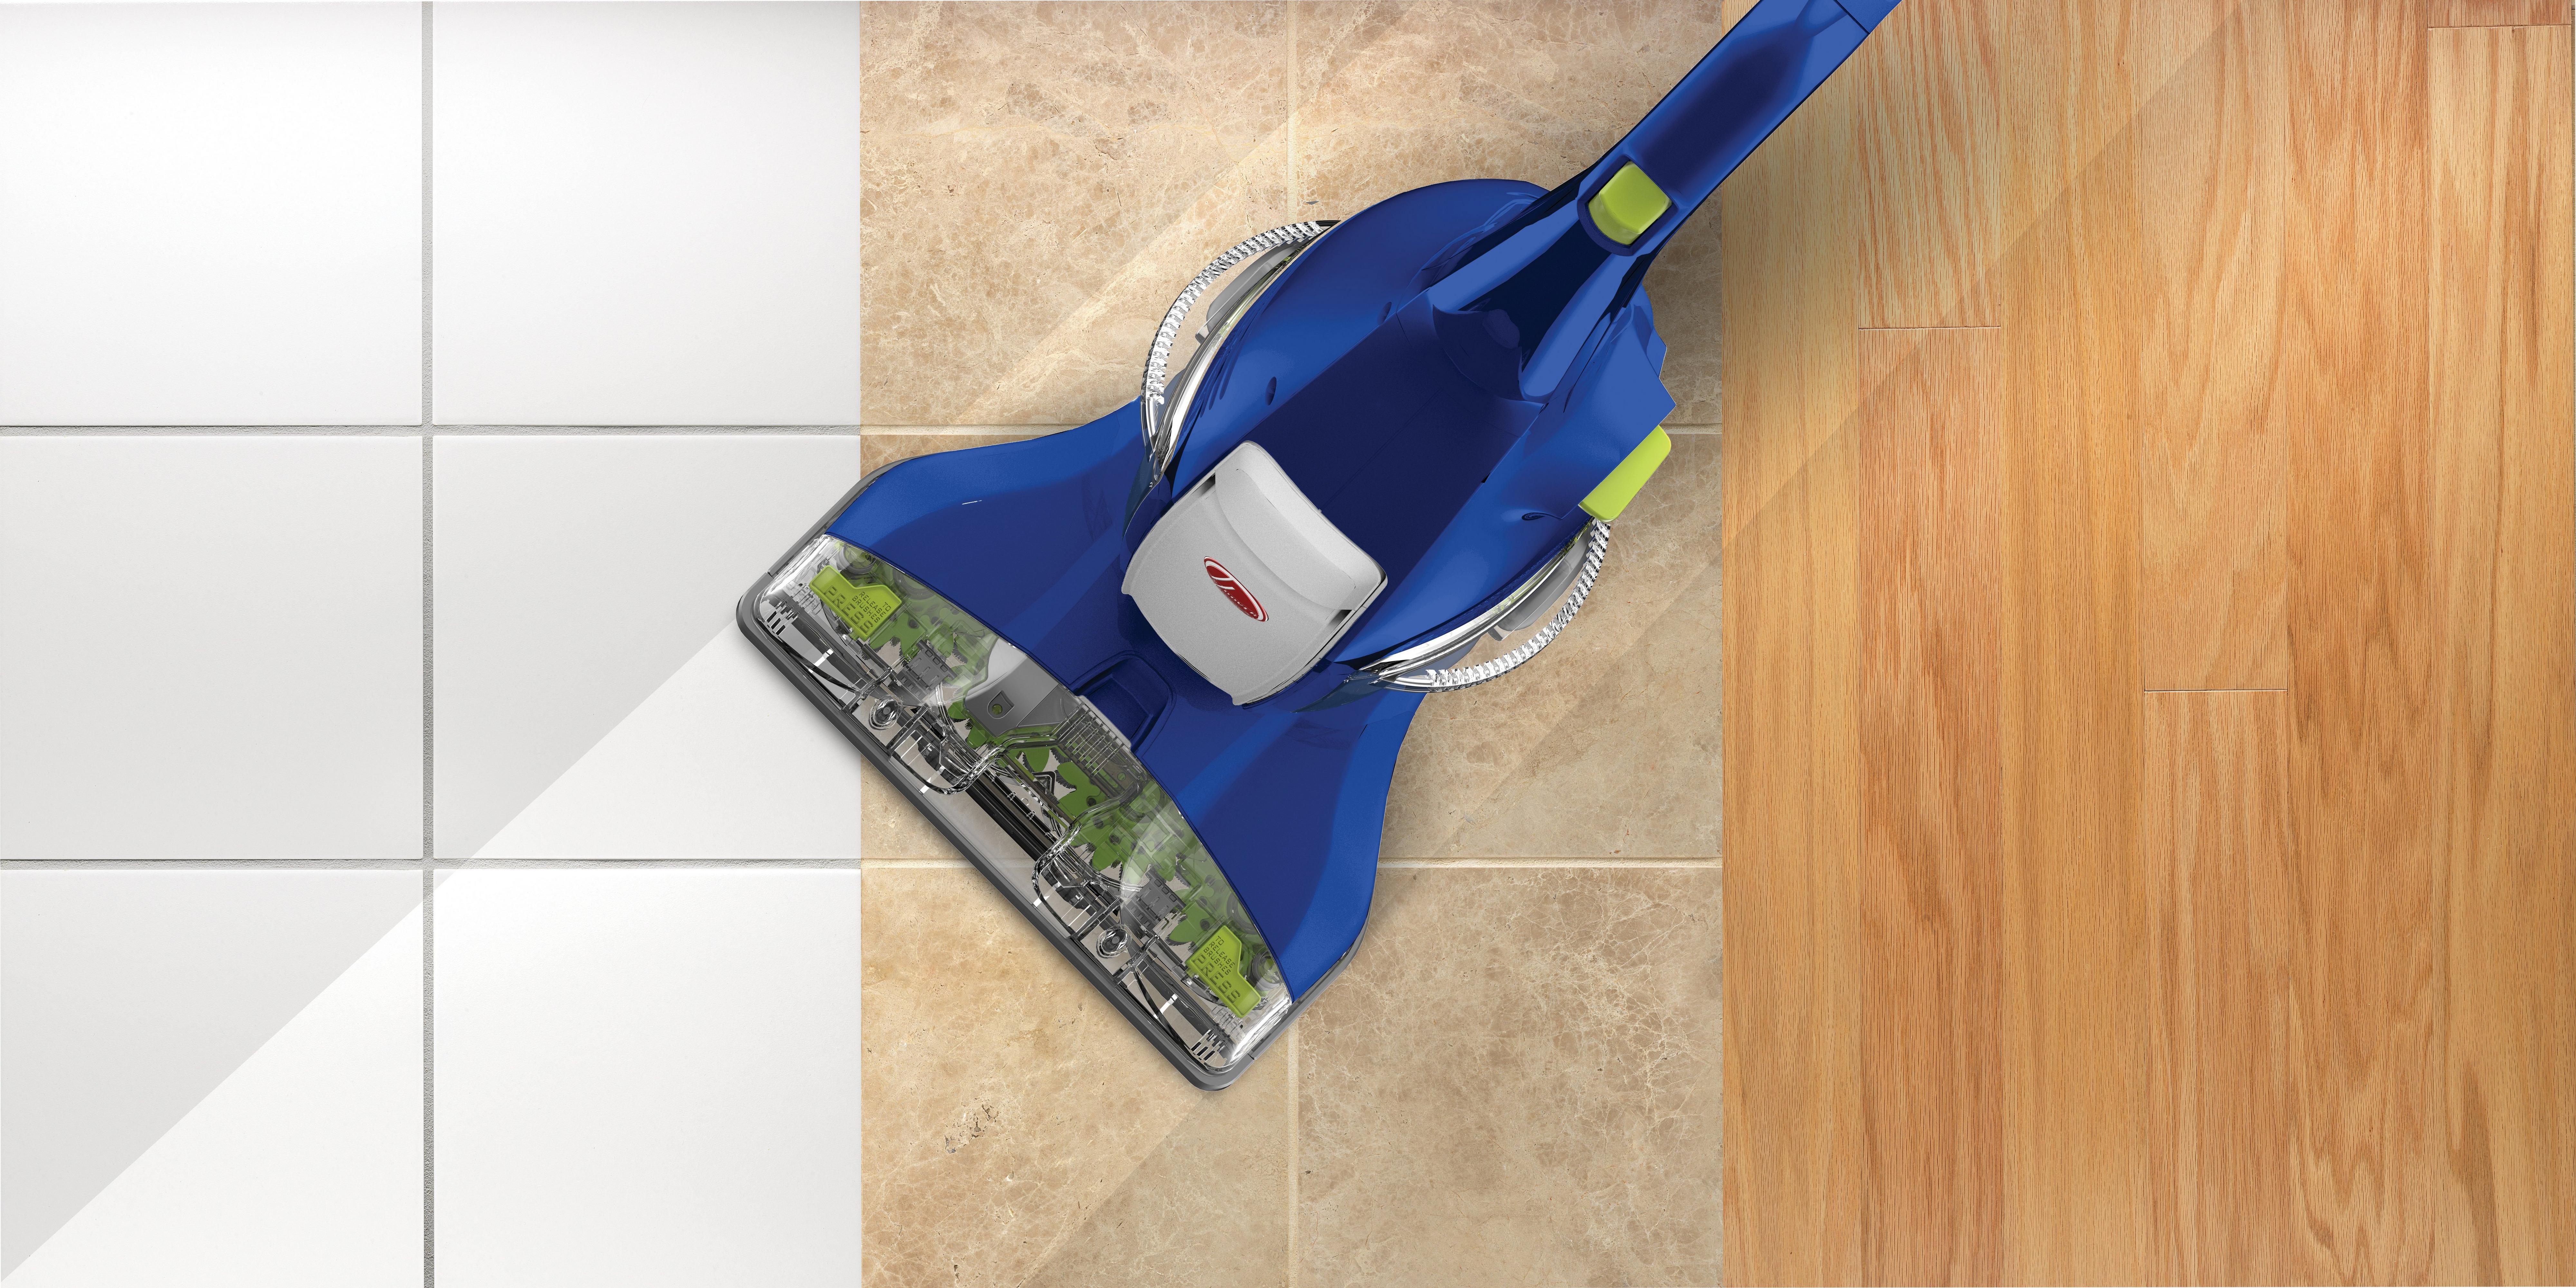 FloorMate Hard Floor Cleaner5